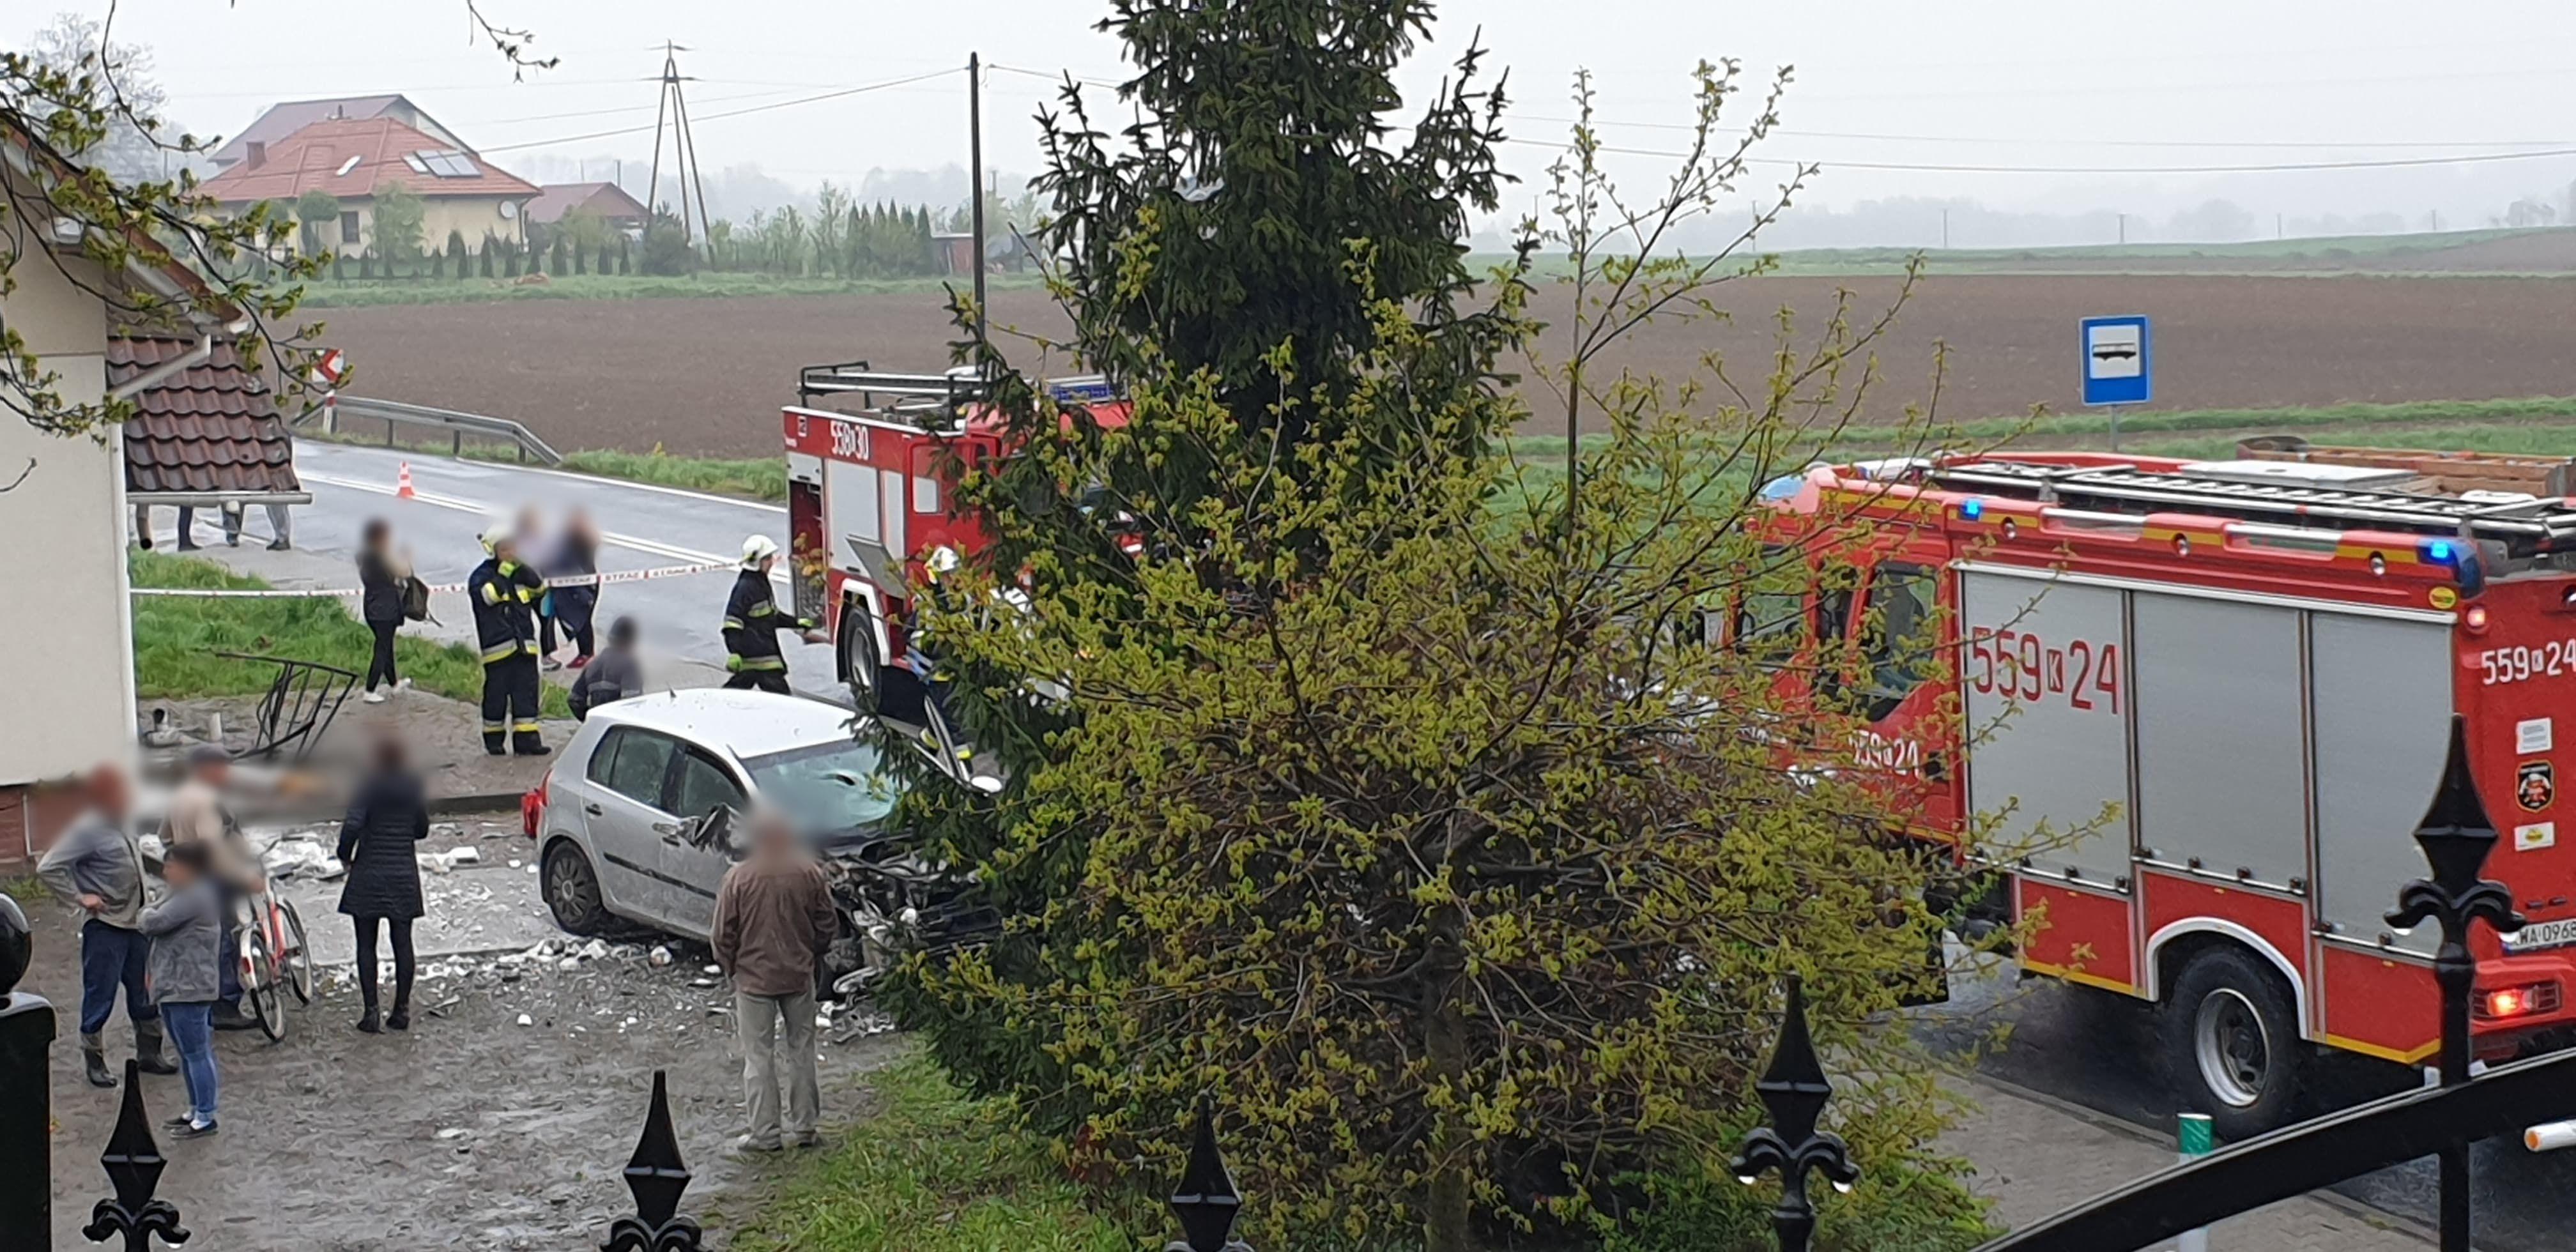 Samochód wjechał w budynek [FOTO]